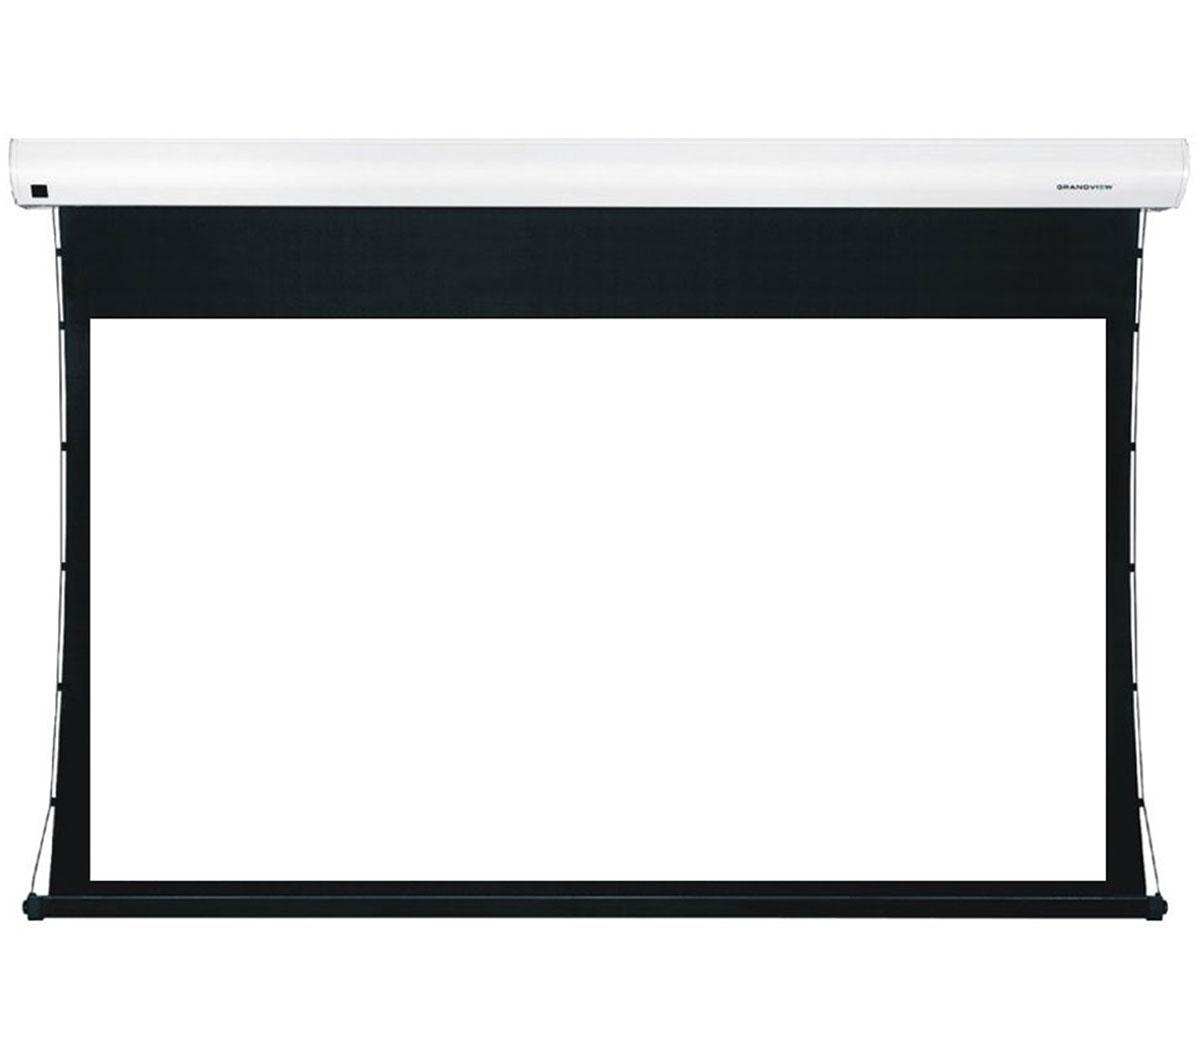 Grandview Tab Tensioned Screens